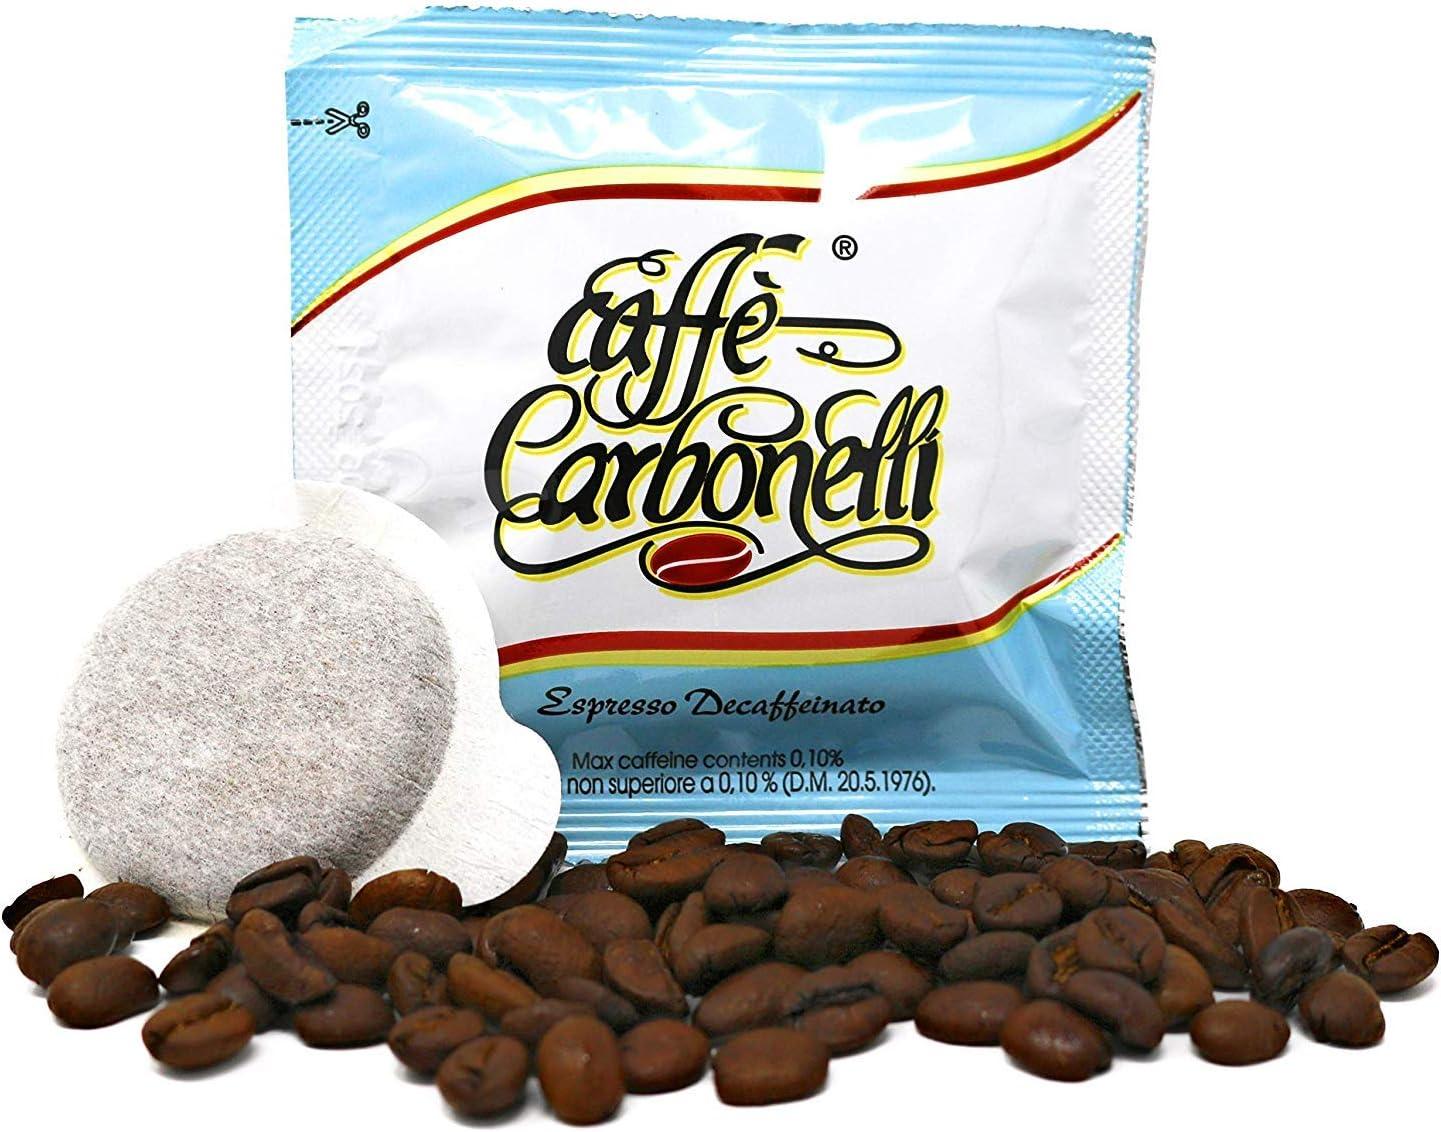 150 monodosis ESE Café carbonelli mezcla descafeinado: Amazon.es ...